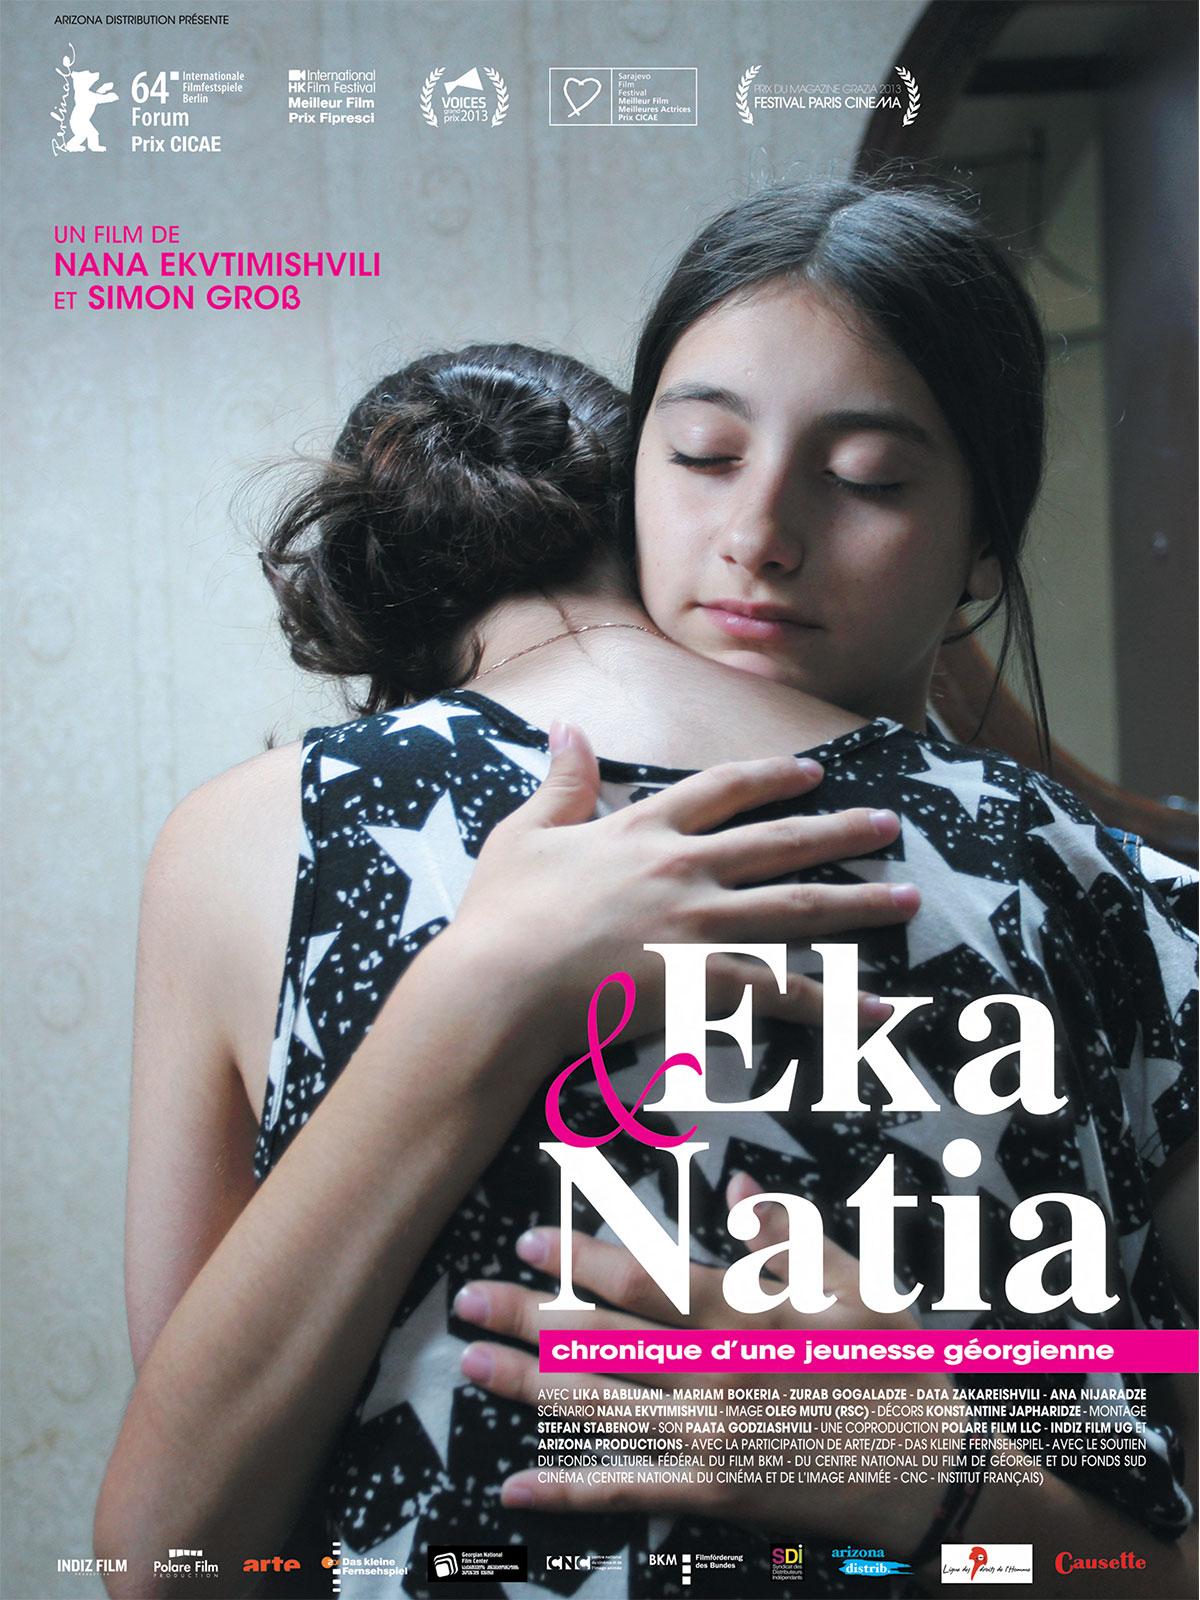 Eka et Natia, Chronique d'une jeunesse georgienne [VOSTFR]